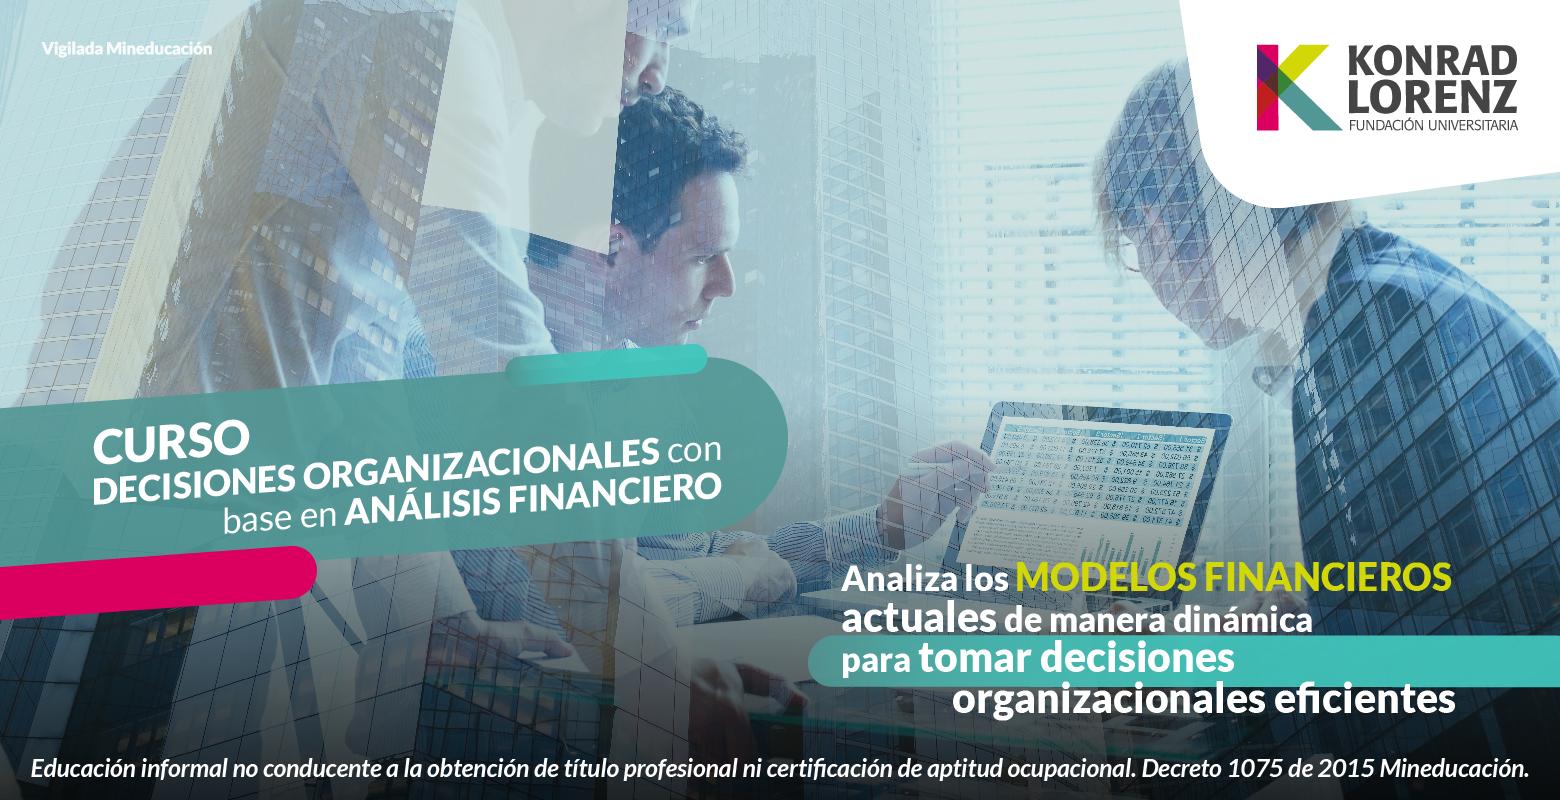 Curso de Decisiones organizacionales con base en Análisis